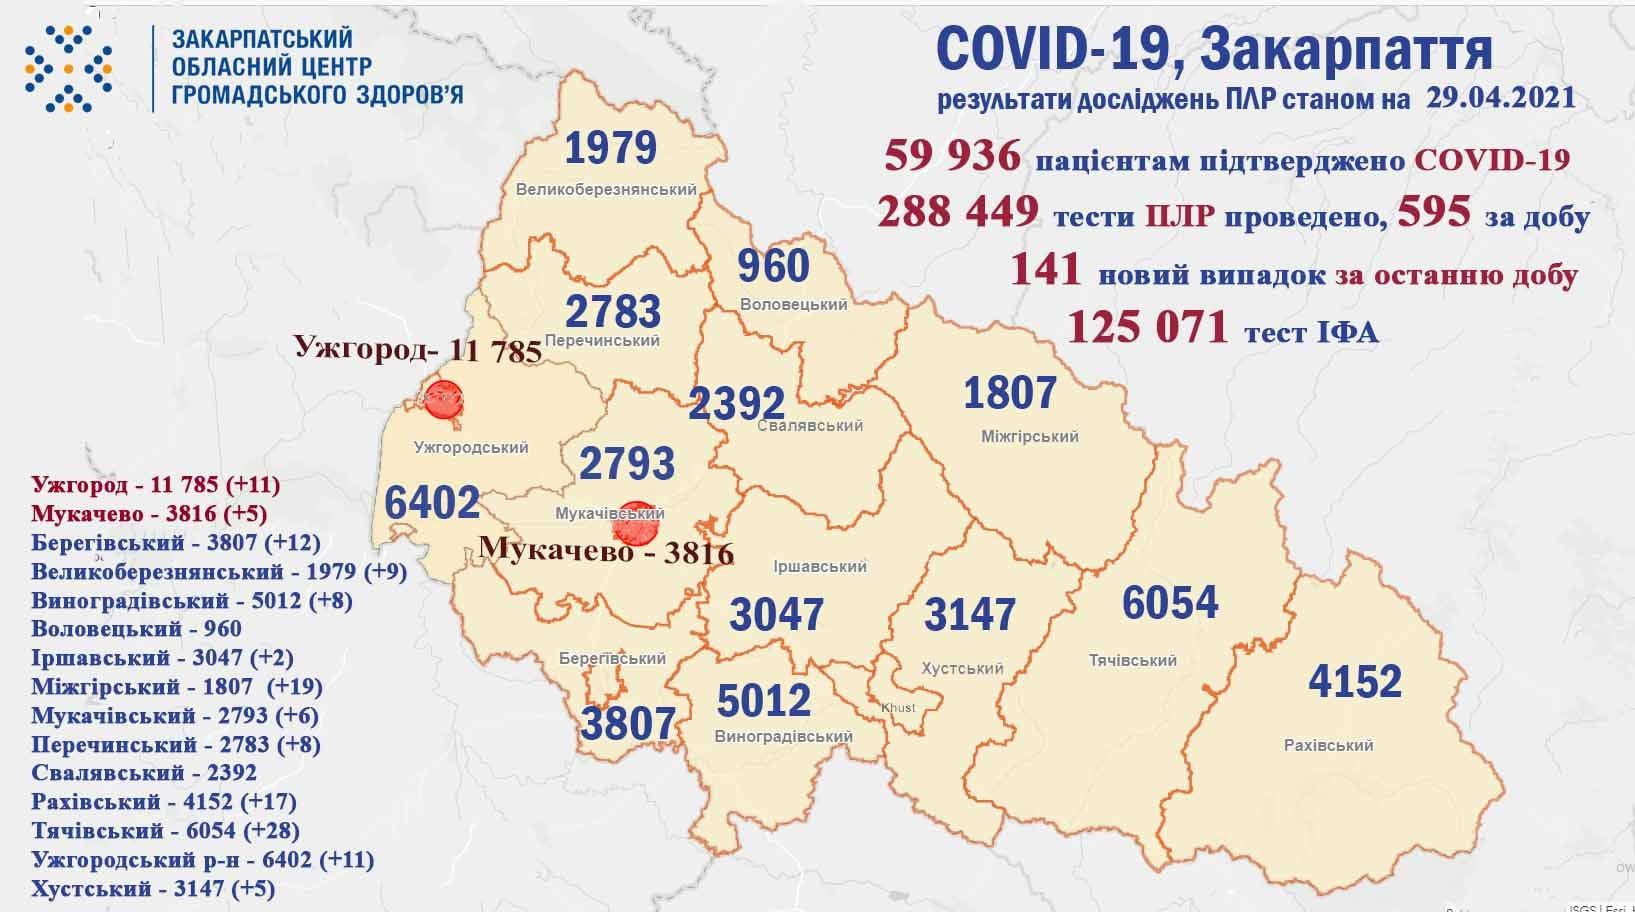 У Закарпатті за минулу добу побільшало випадків інфікування коронавірусом